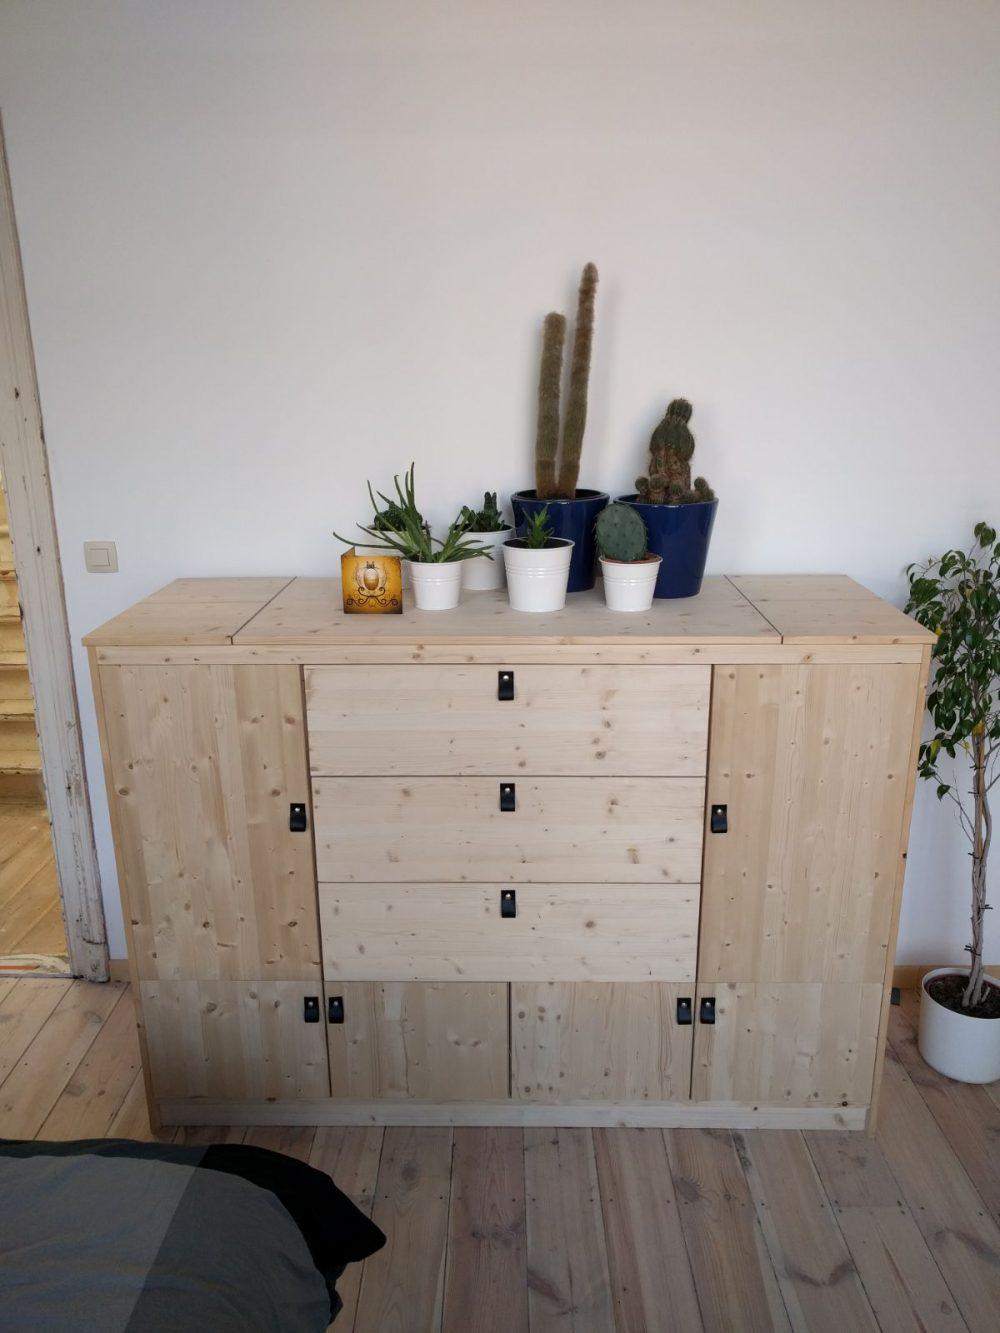 Hoe je je wasmand kan integreren in een kast